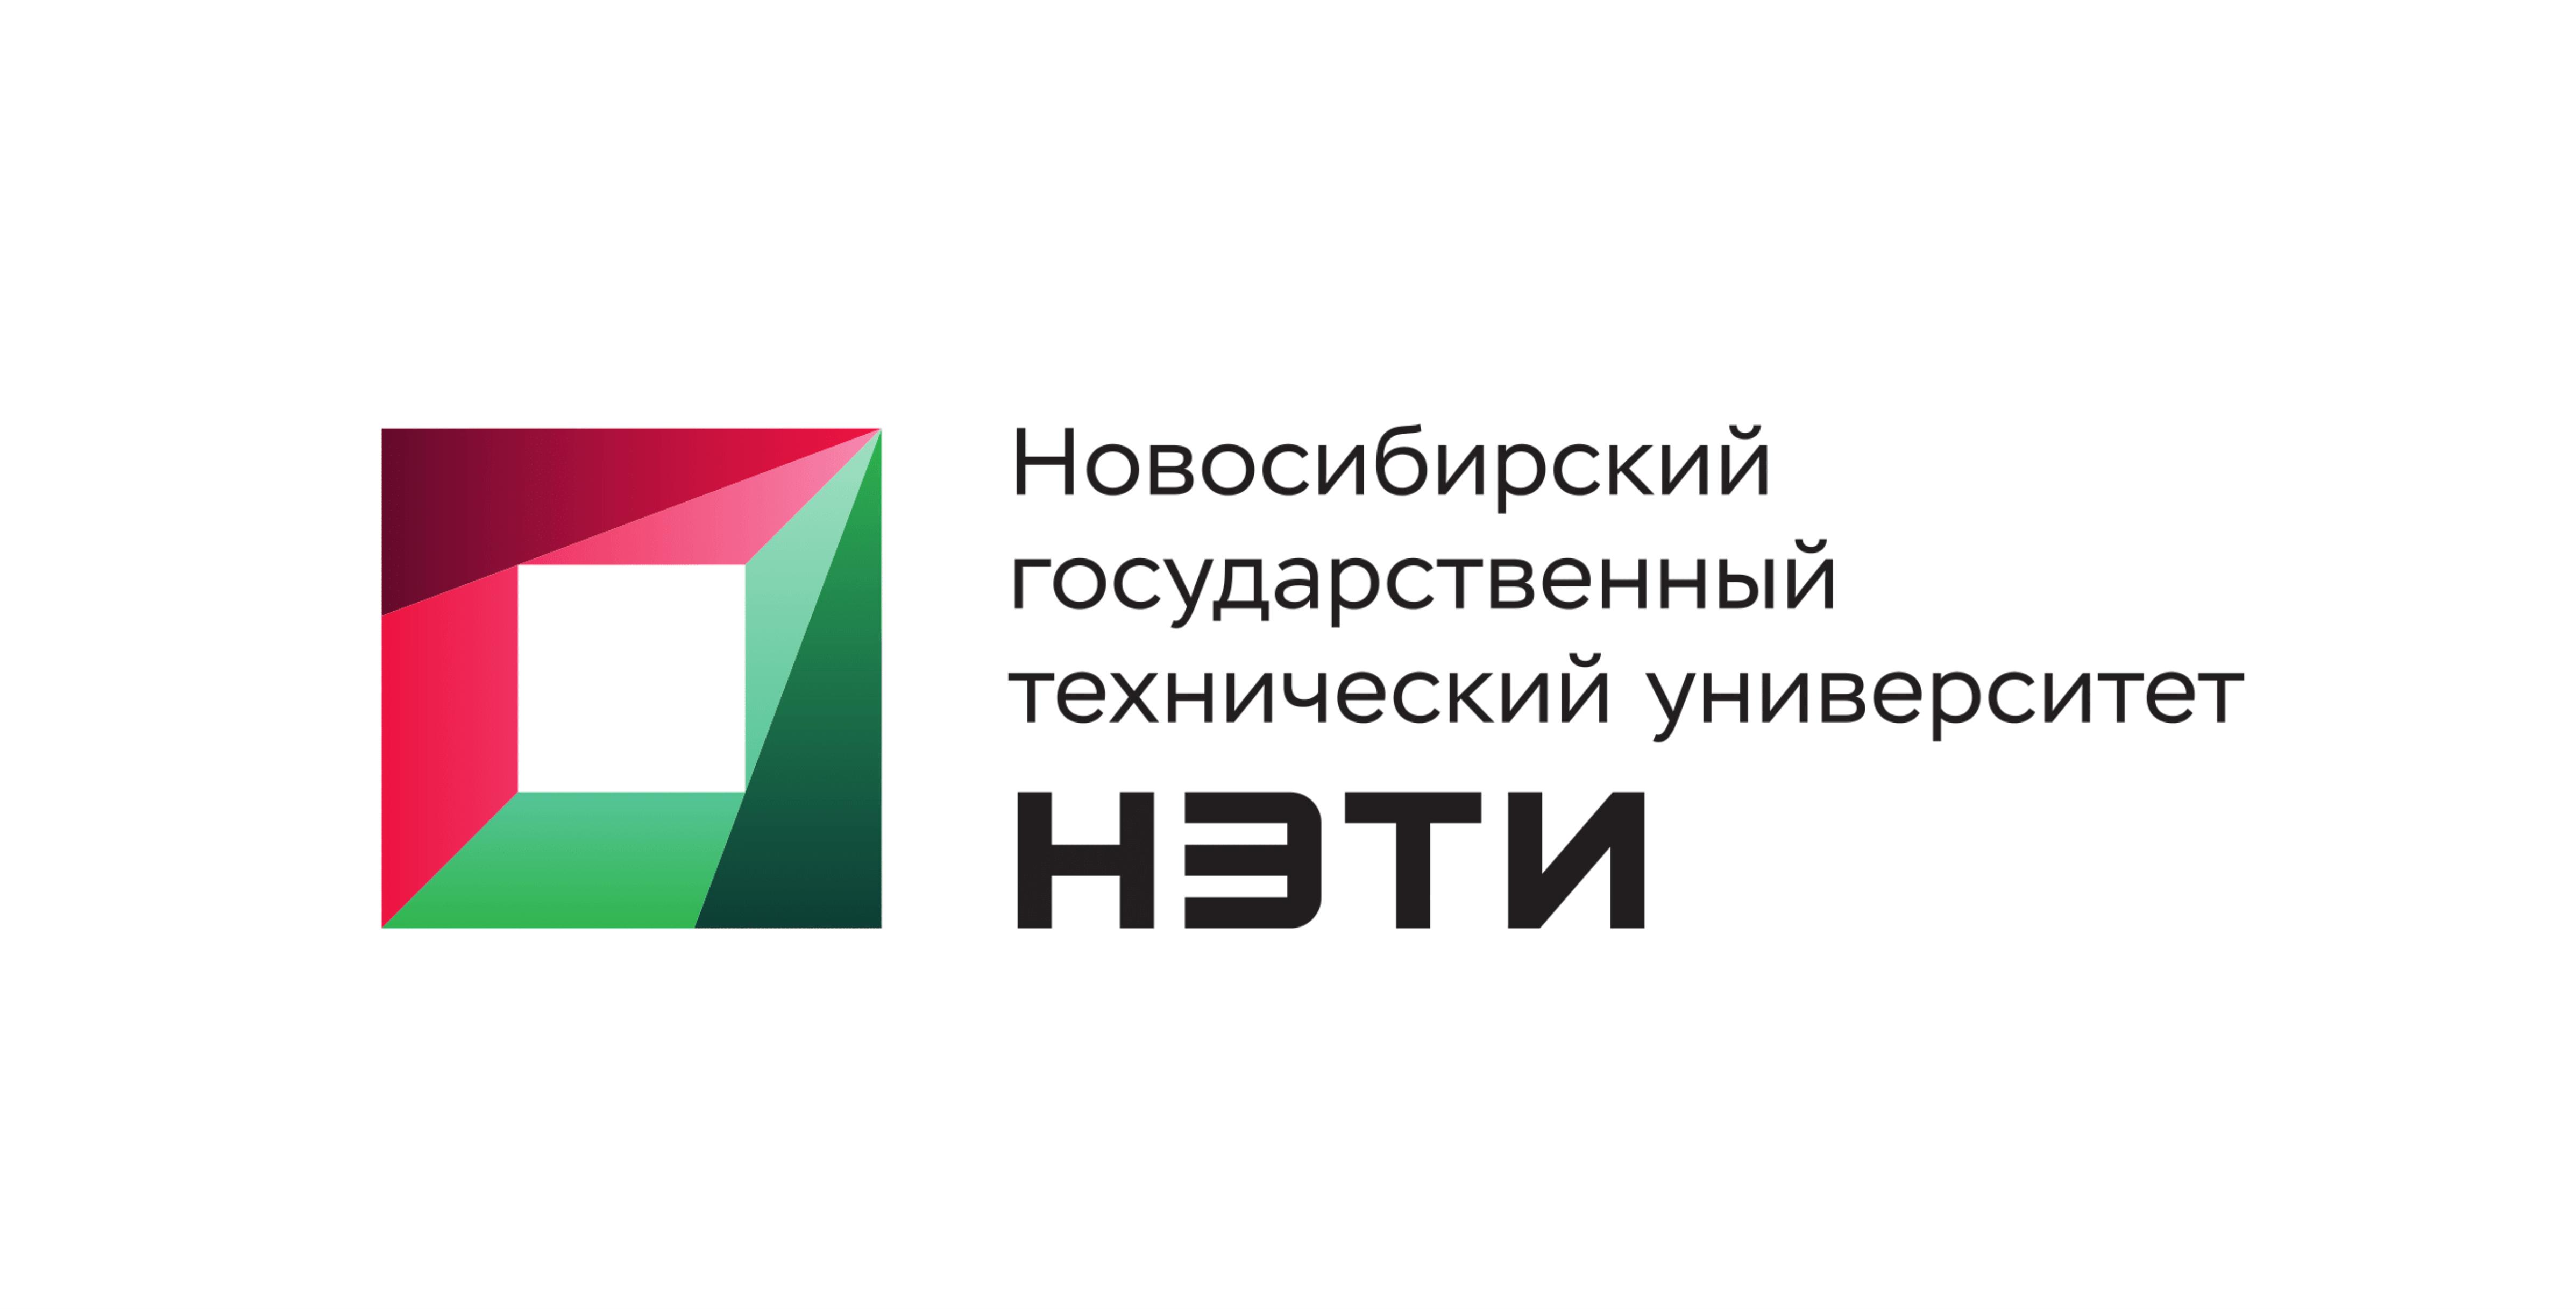 Новосибирский государственный технический университет НЭТИ